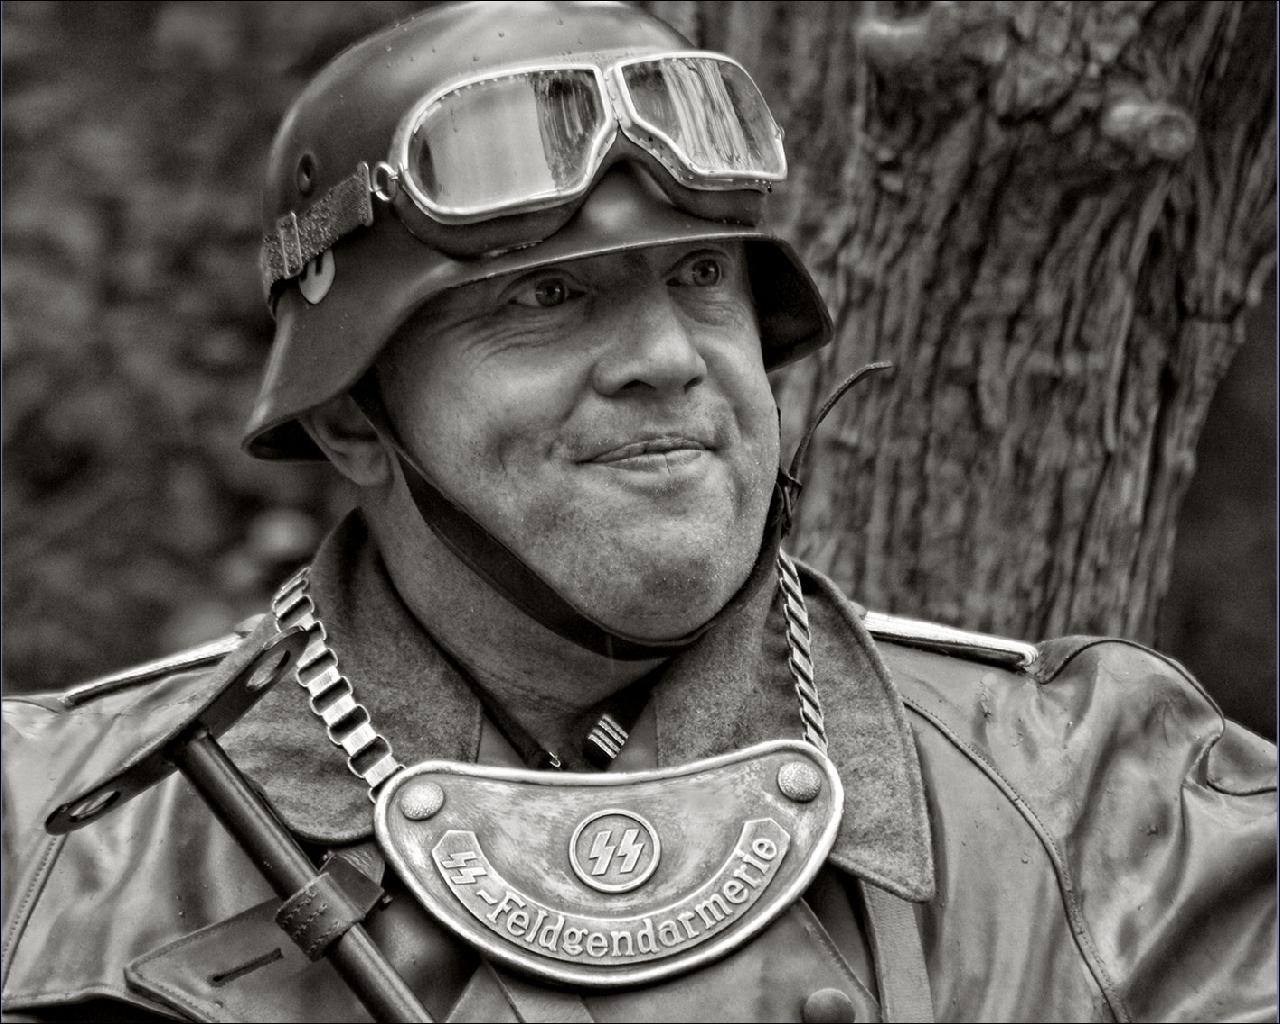 Photo Soldiers German Military war helmet Glasses Army eyeglasses